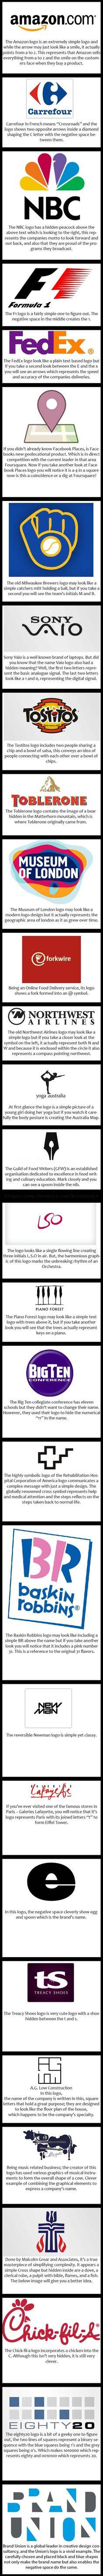 Logos logos and more logos.